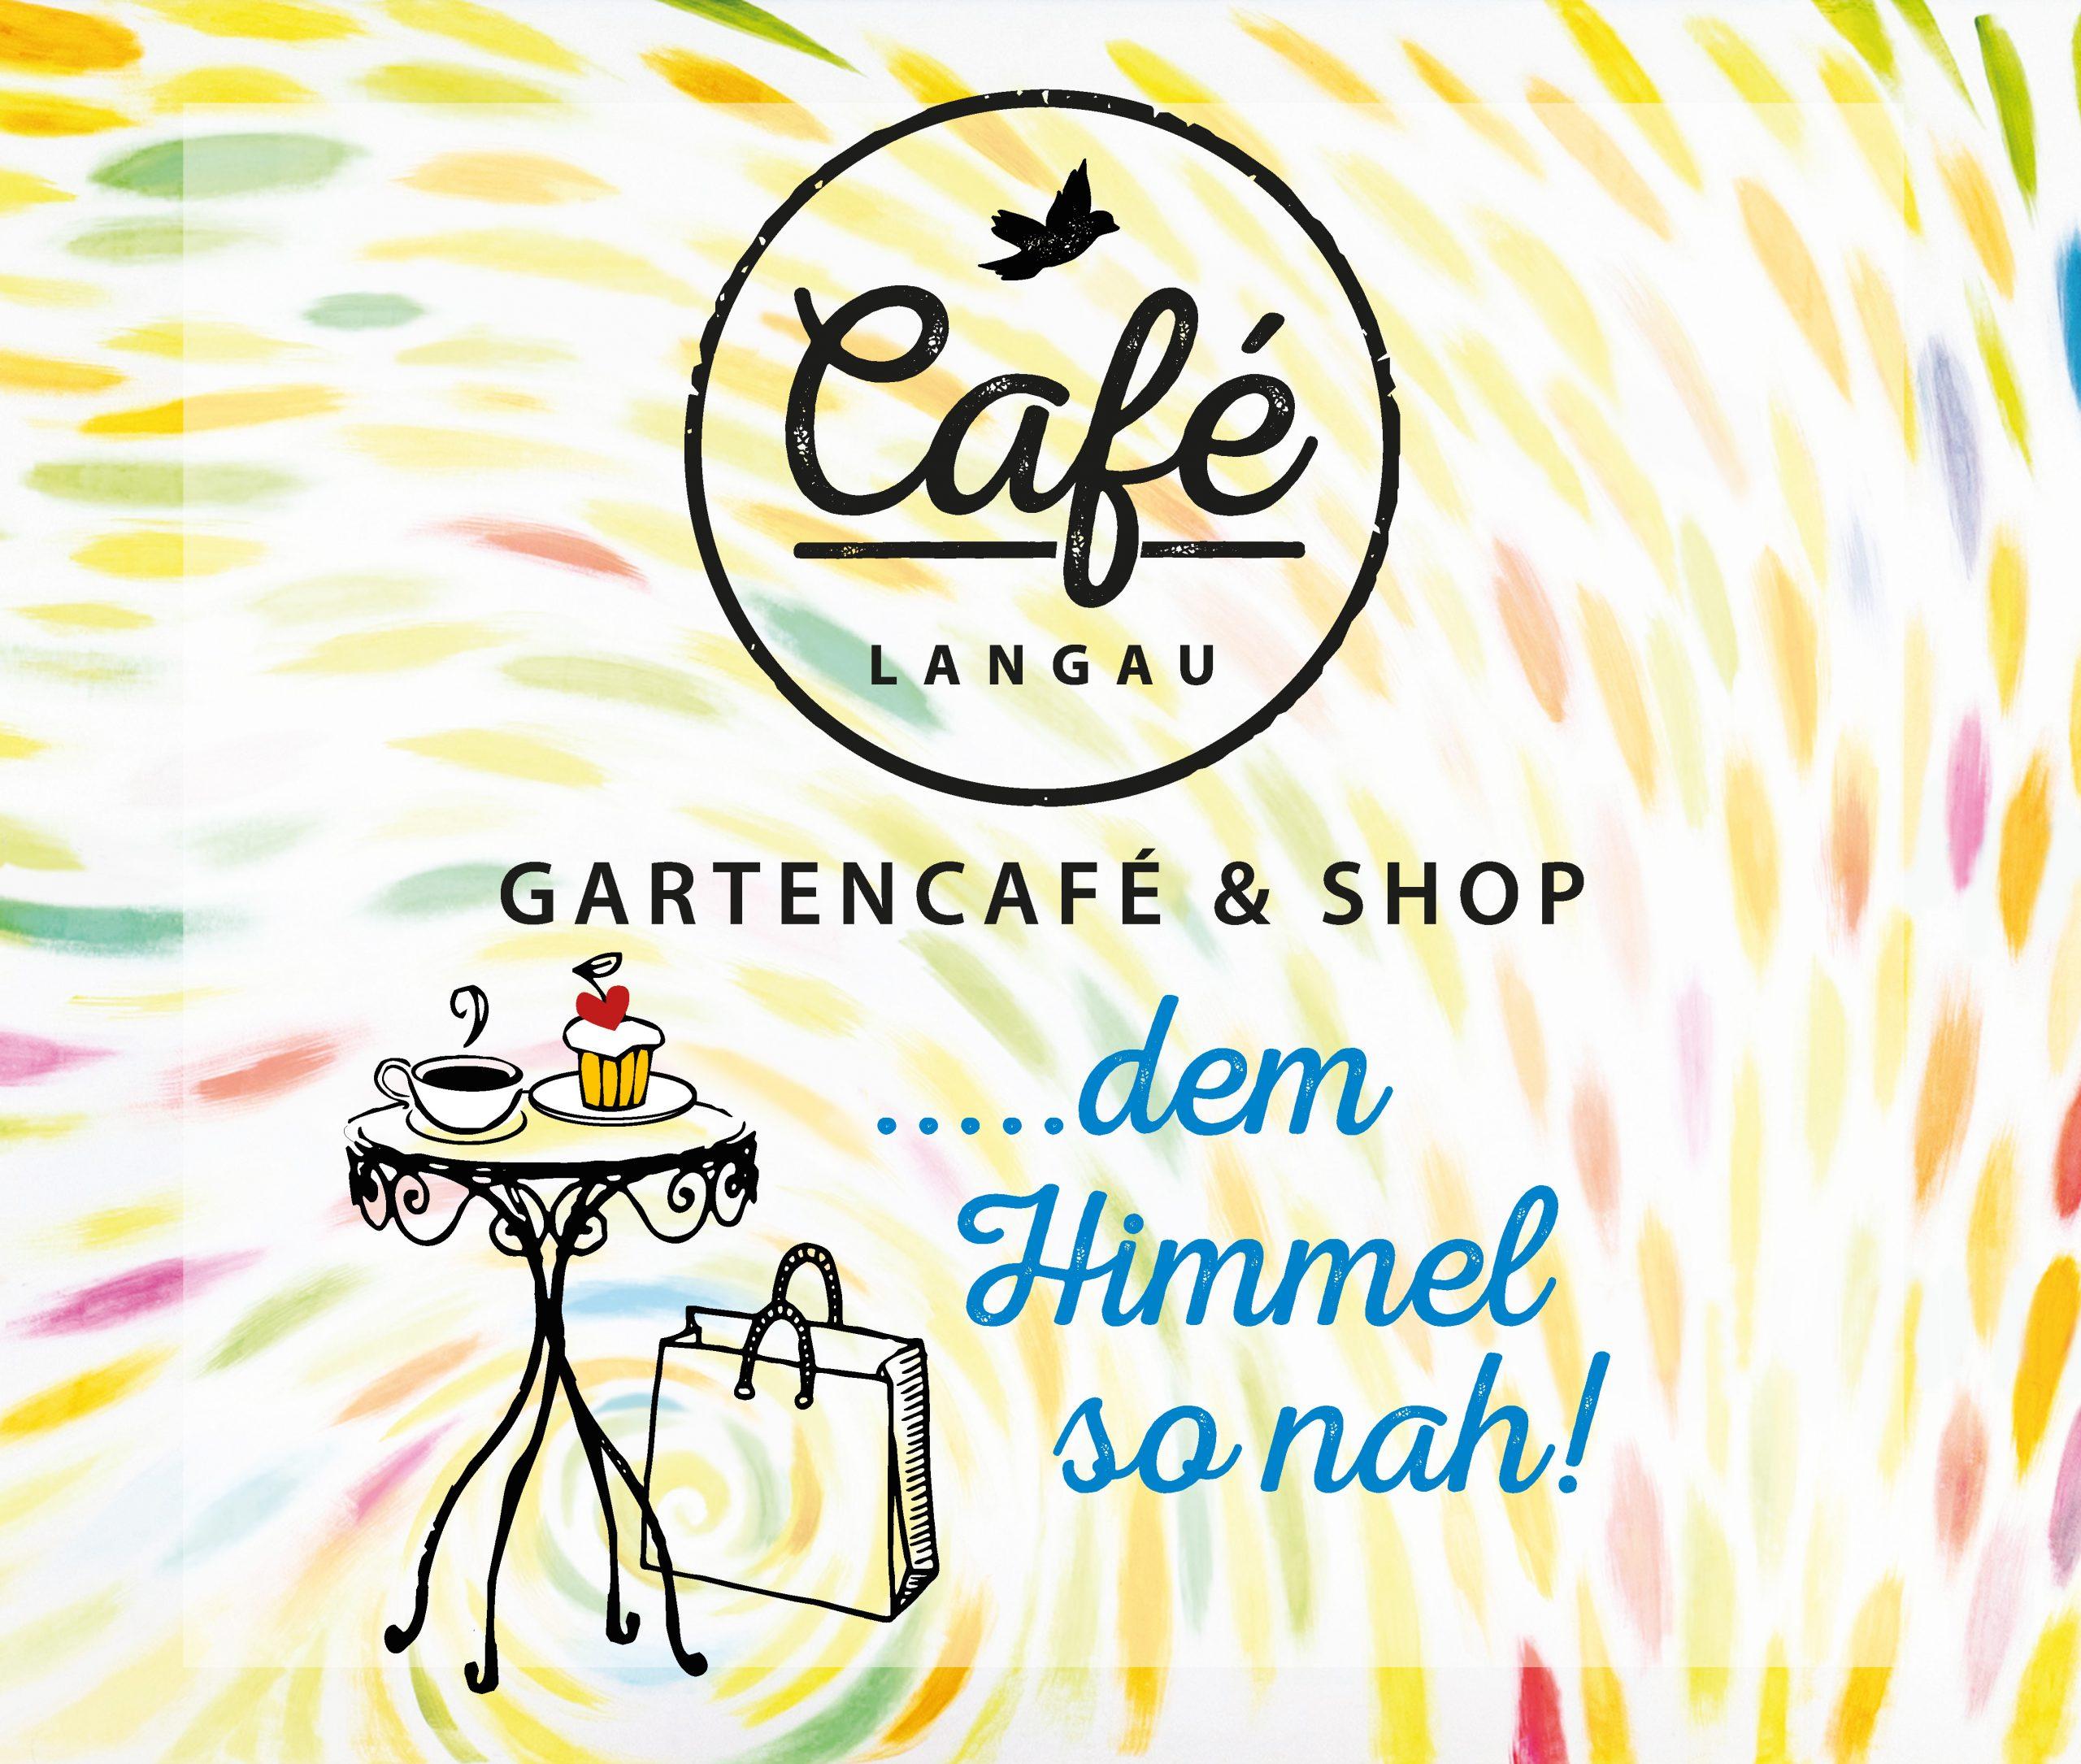 Hof Cafe Langau